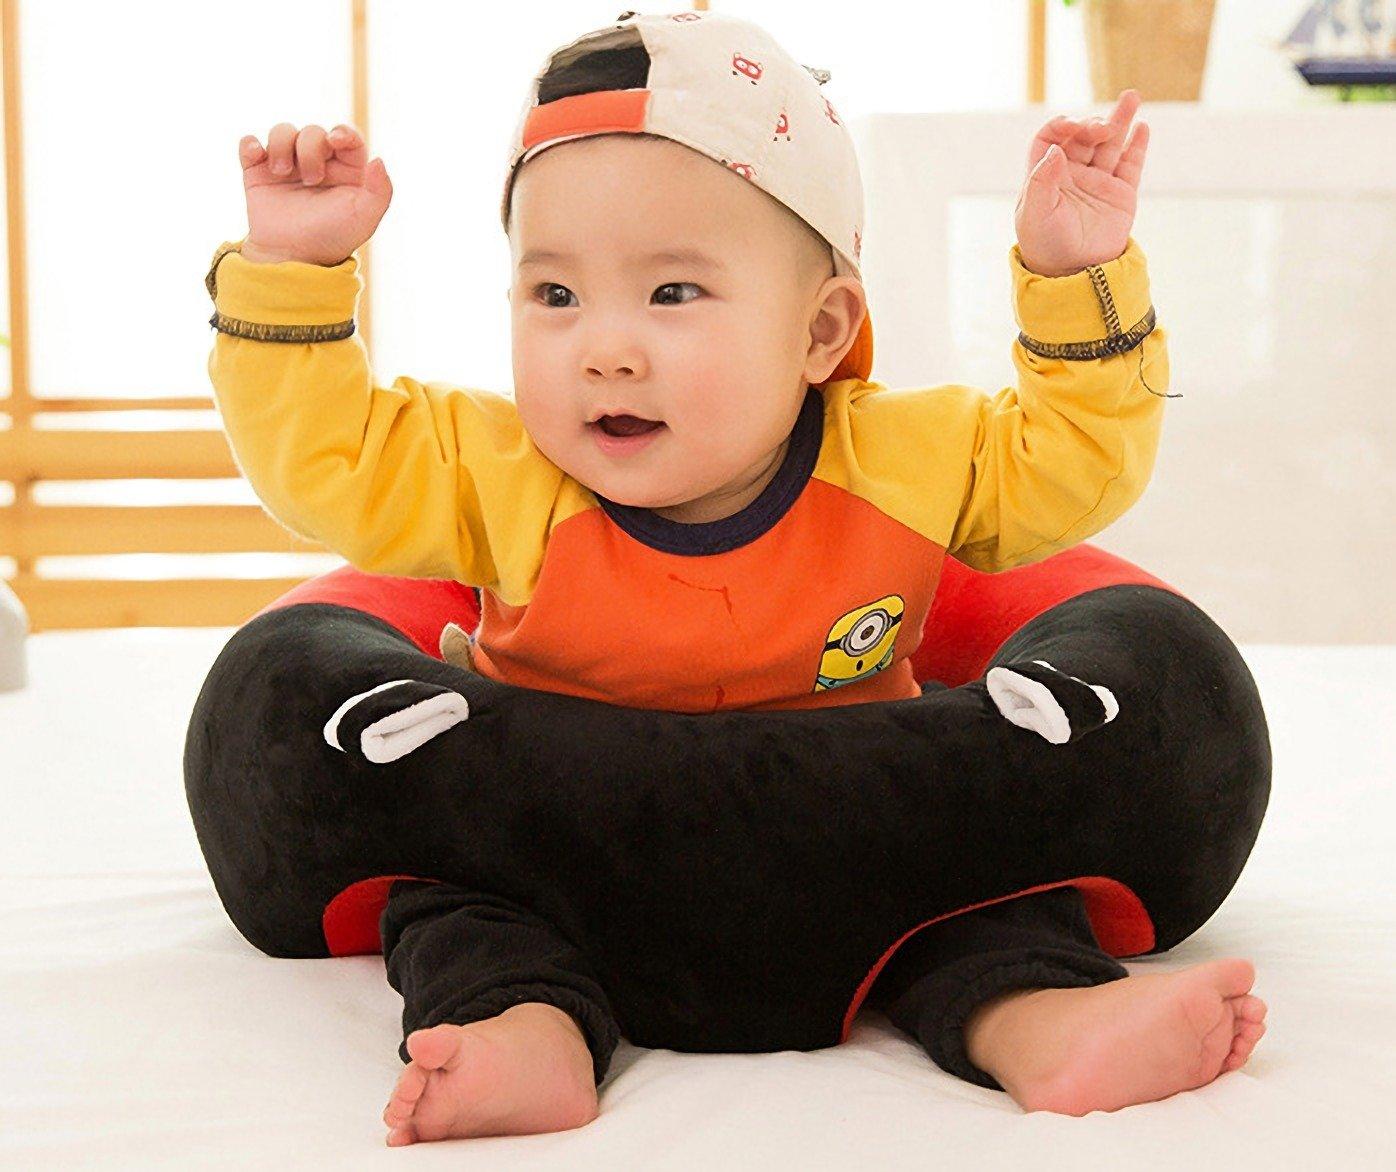 Amazon.com: Asiento de bebé bebé protectores de almohada ...